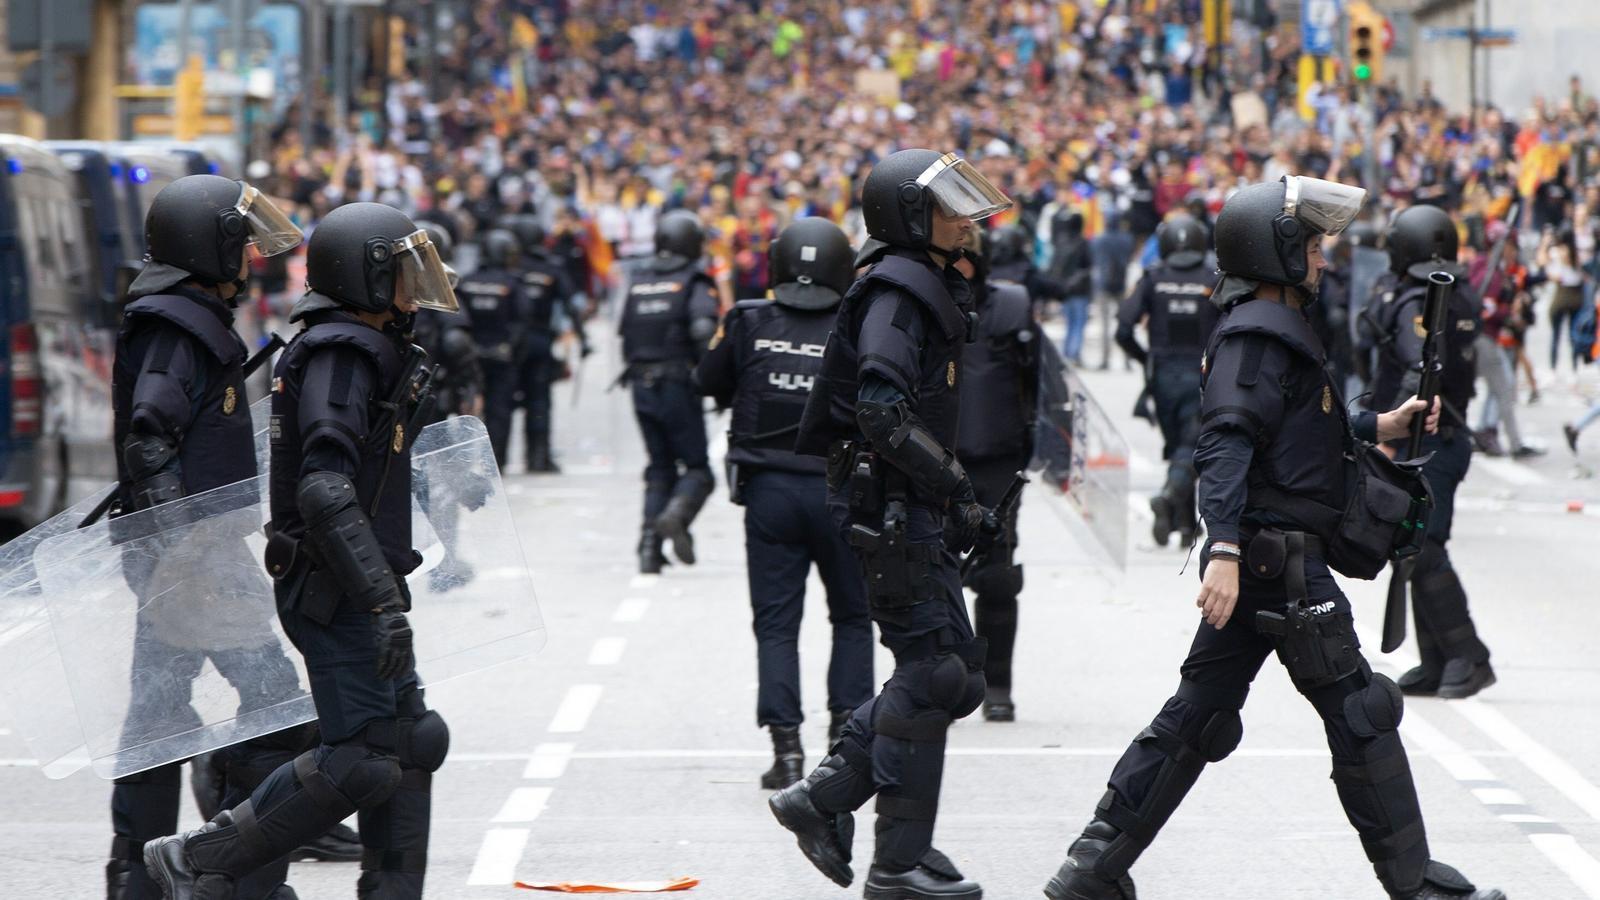 Els Mossos eleven a 54 el nombre de detinguts en la cinquena nit d'aldarulls a Catalunya